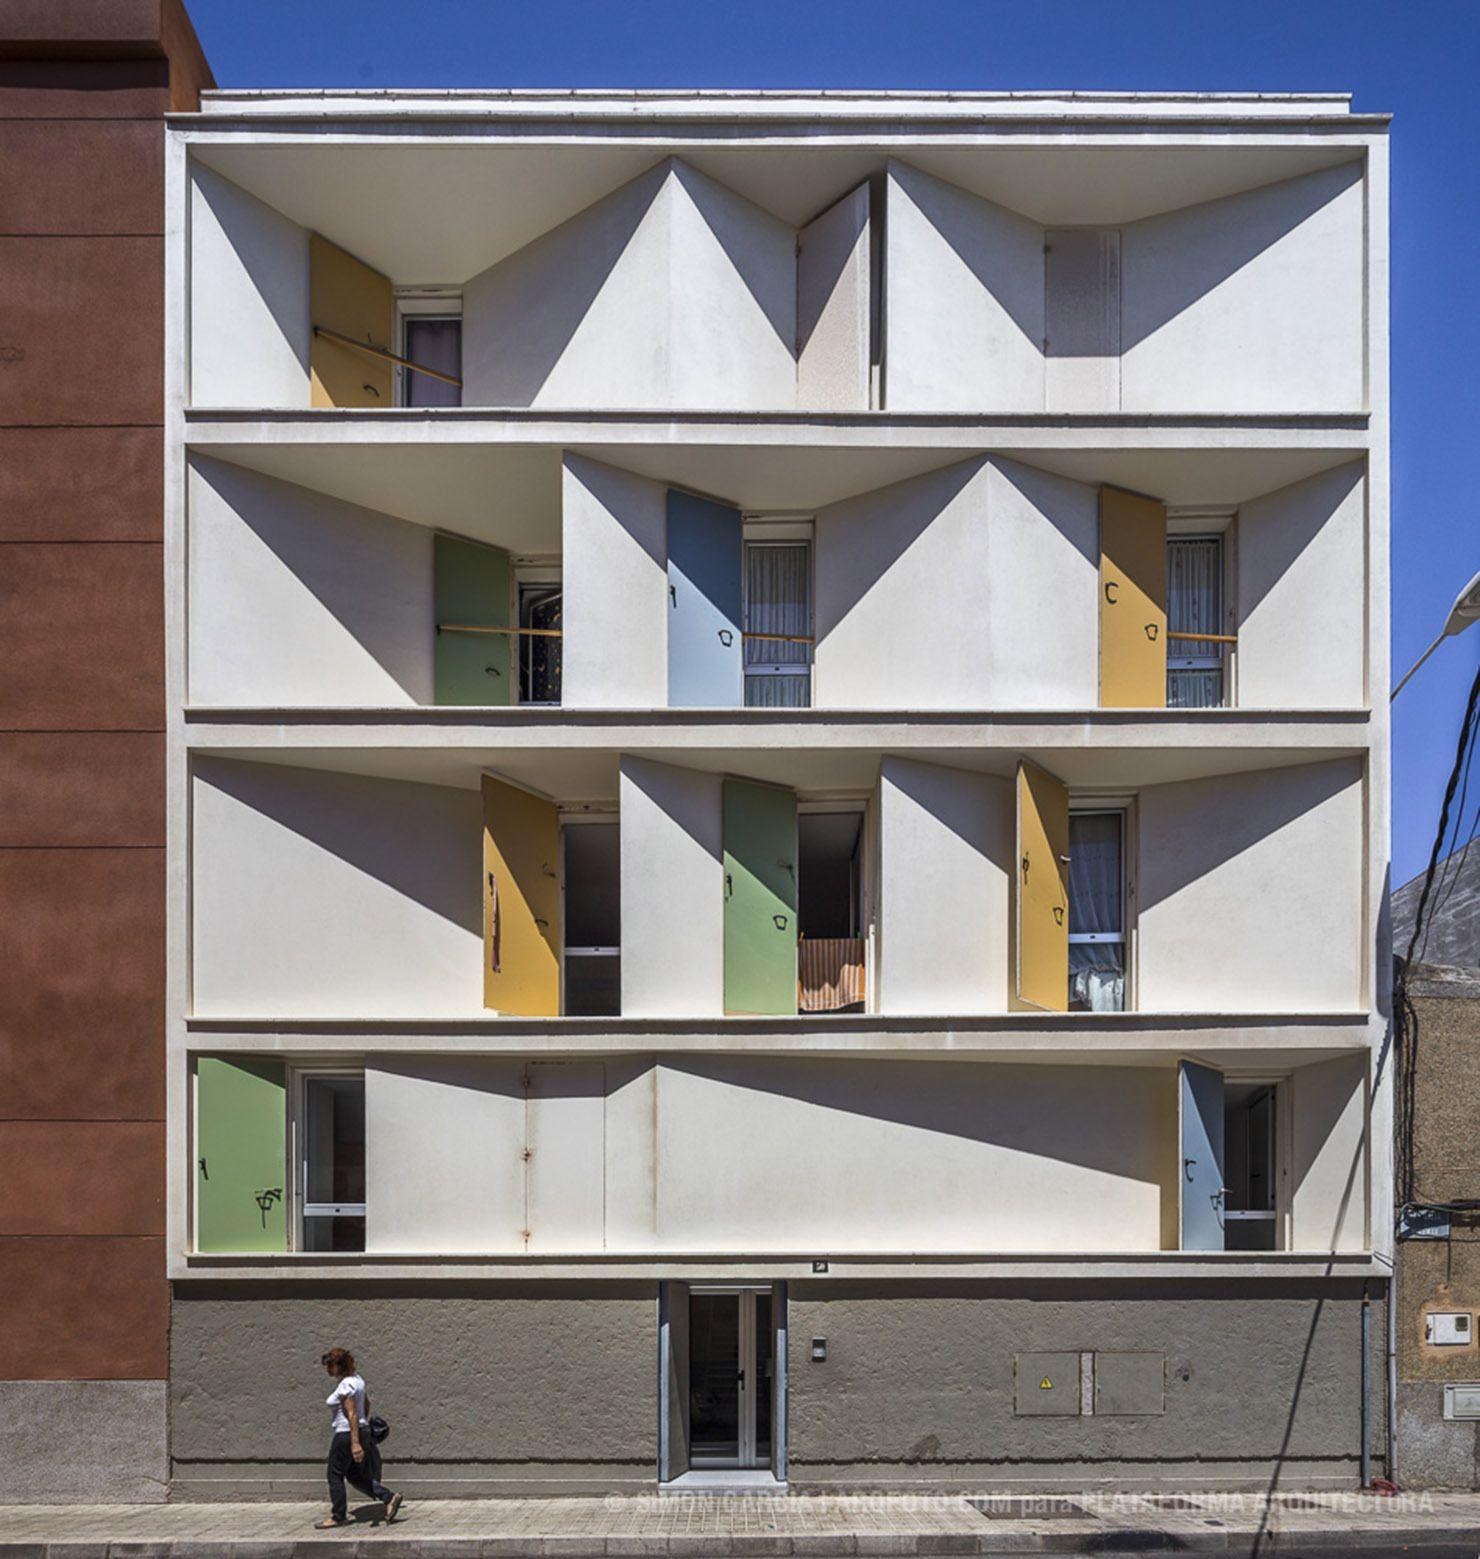 8 Casas Inscritas y Tres Patios / Romera y Ruiz Arquitectos